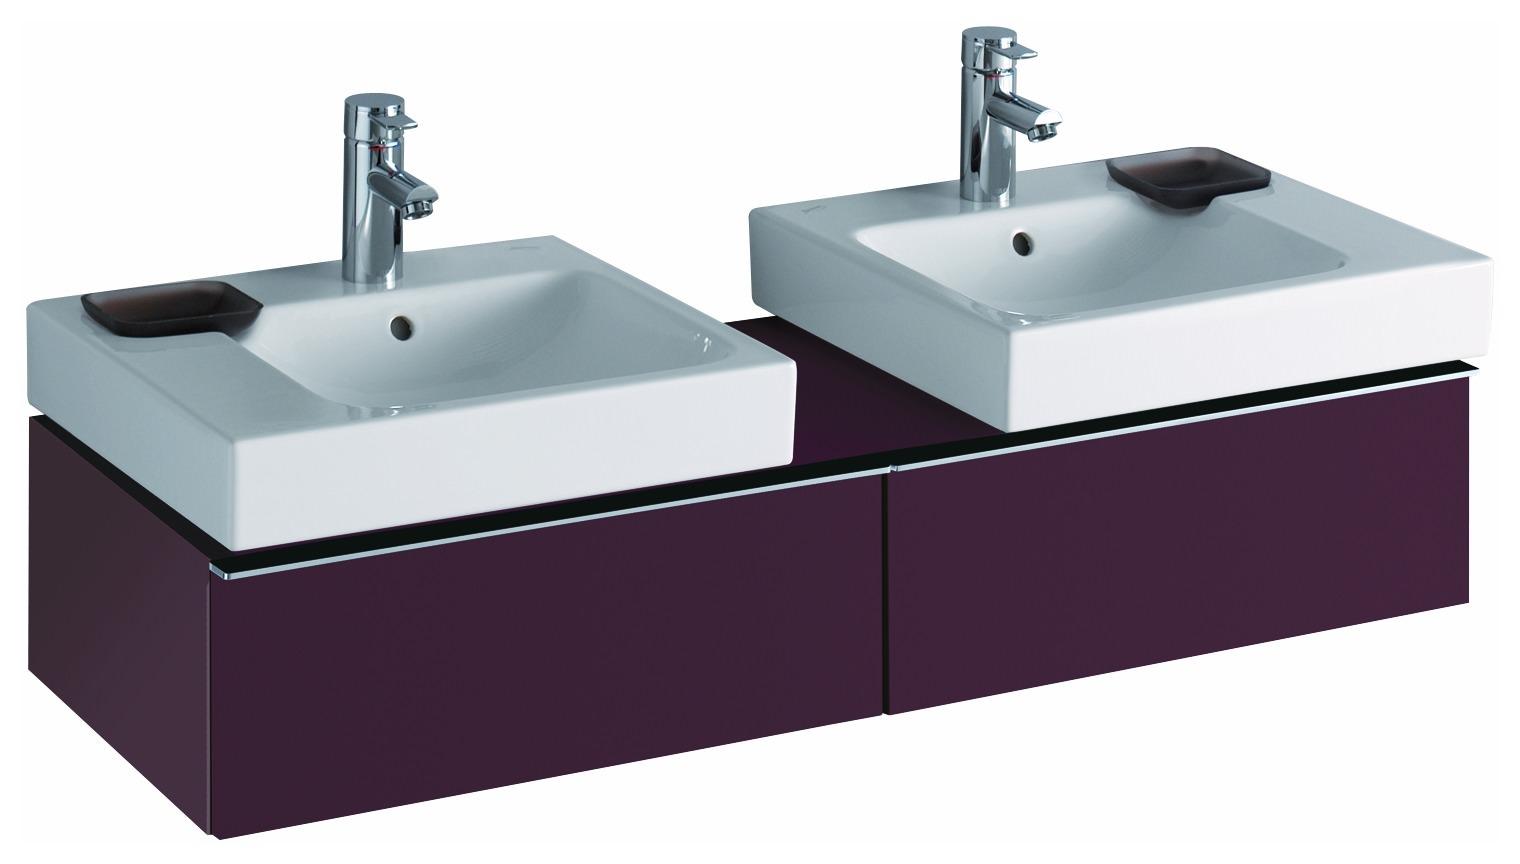 keramag icon waschtisch dekoschale links 500mm x 485mm wei alpin waschtische badkeramik. Black Bedroom Furniture Sets. Home Design Ideas